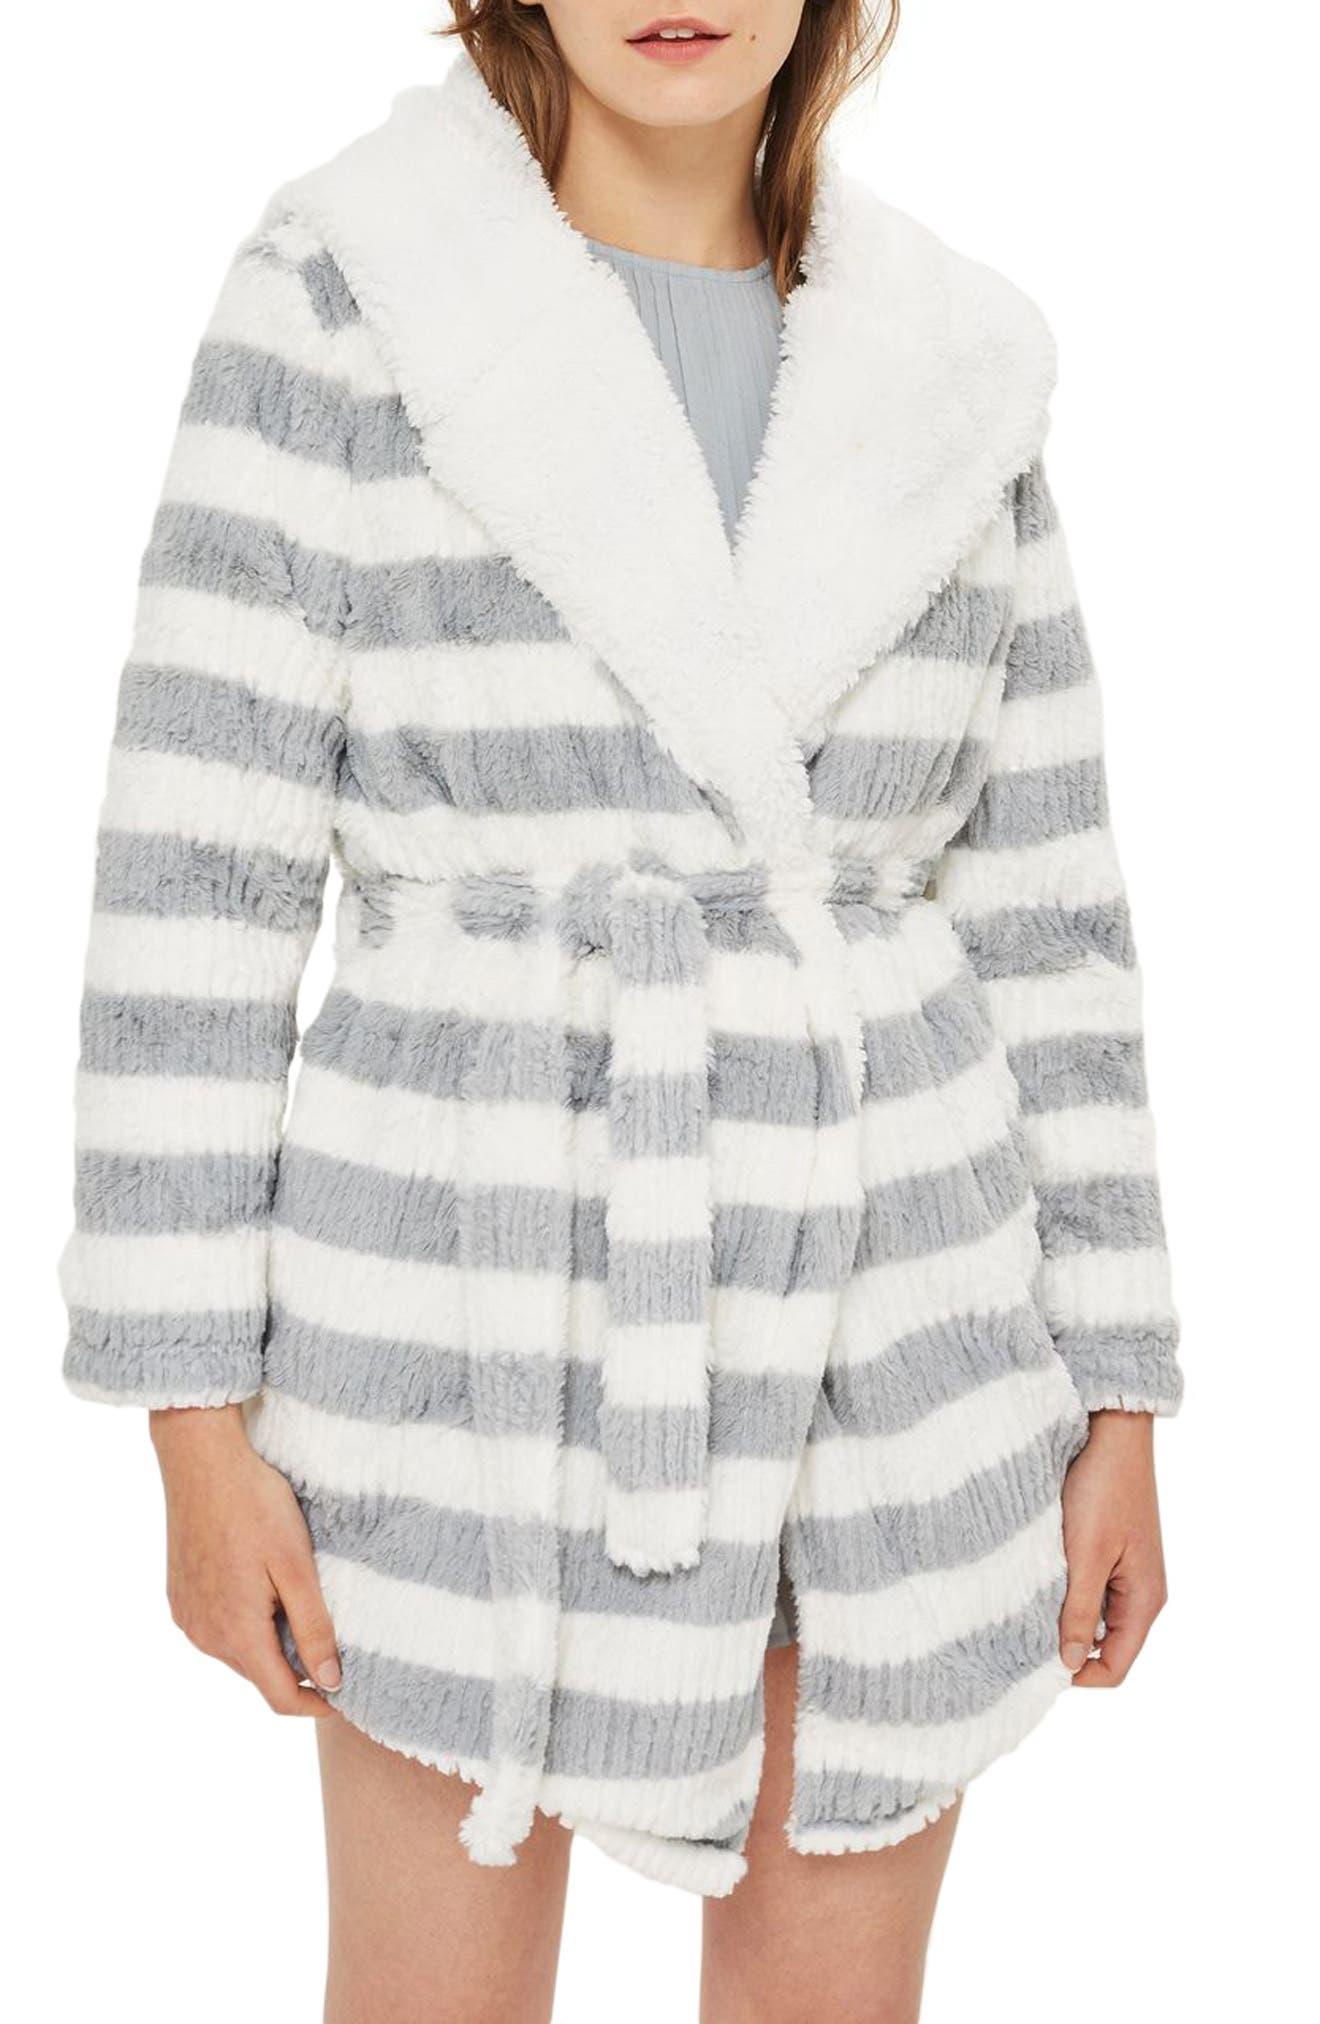 Stripe Short Robe,                         Main,                         color, Grey Multi